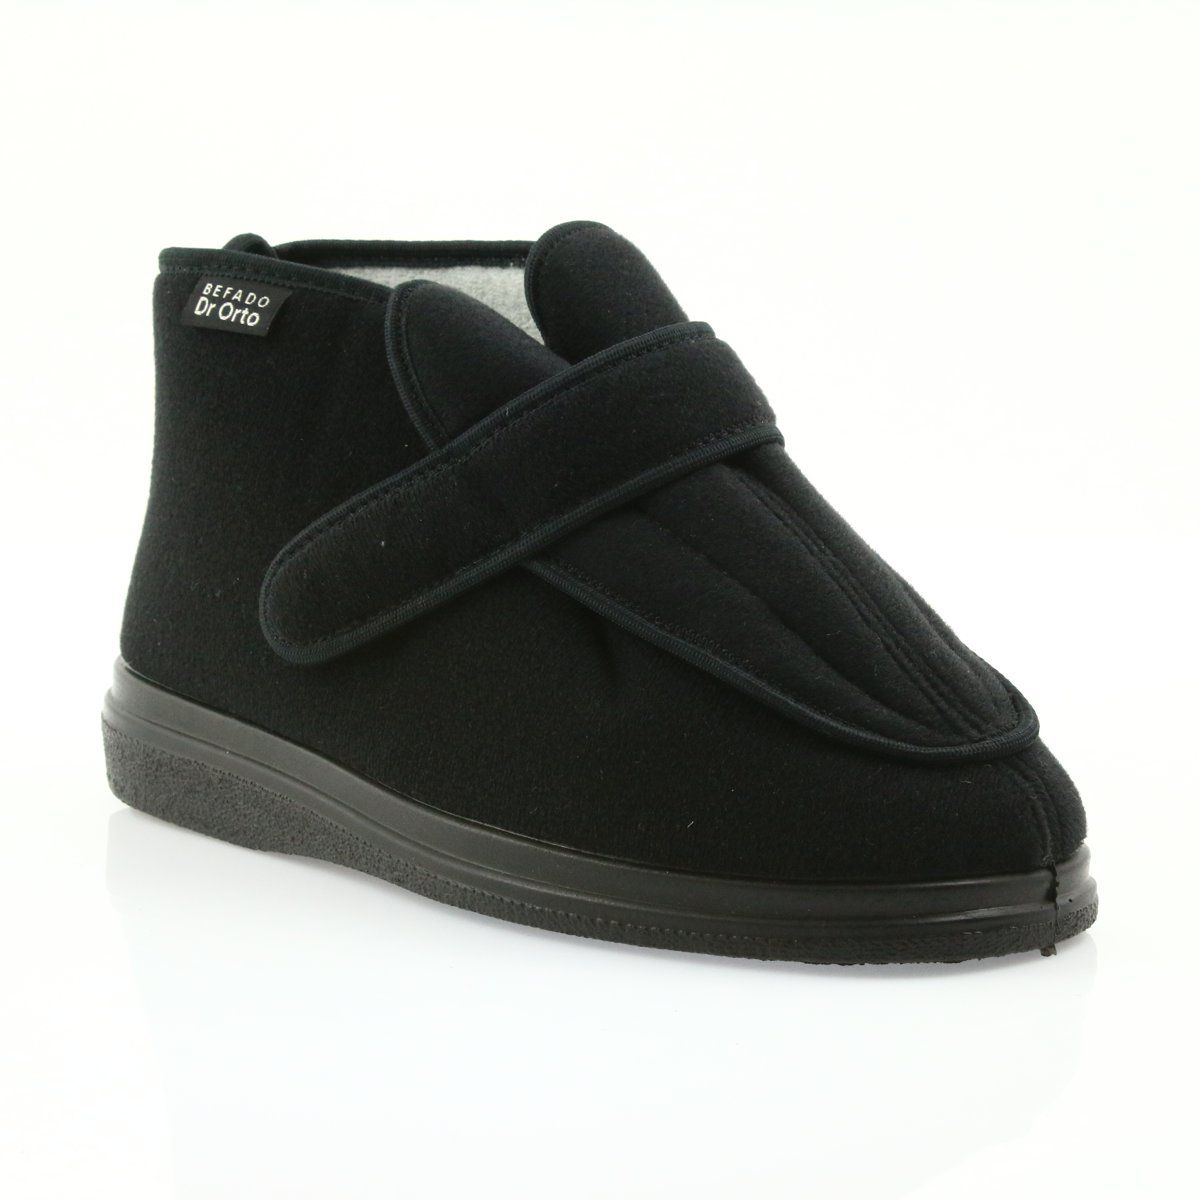 Befado Men S Shoes Dr Orto 987m002 Black Black Shoes Women Shoes Men S Shoes